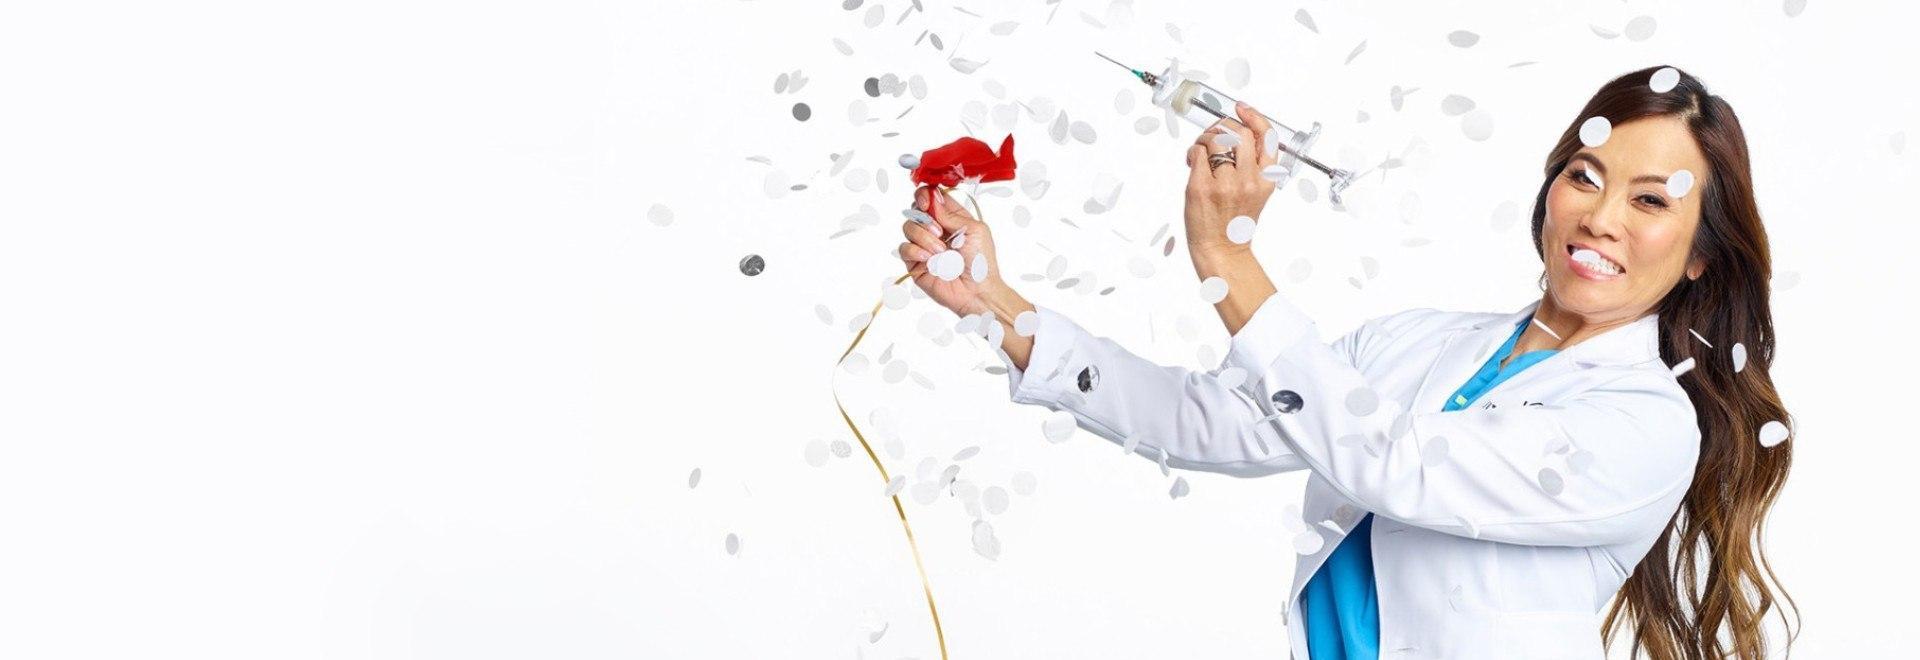 Dr. Pimple Popper: la dottoressa schiacciabrufoli - Stag. 3 Ep. 7 - Decisioni